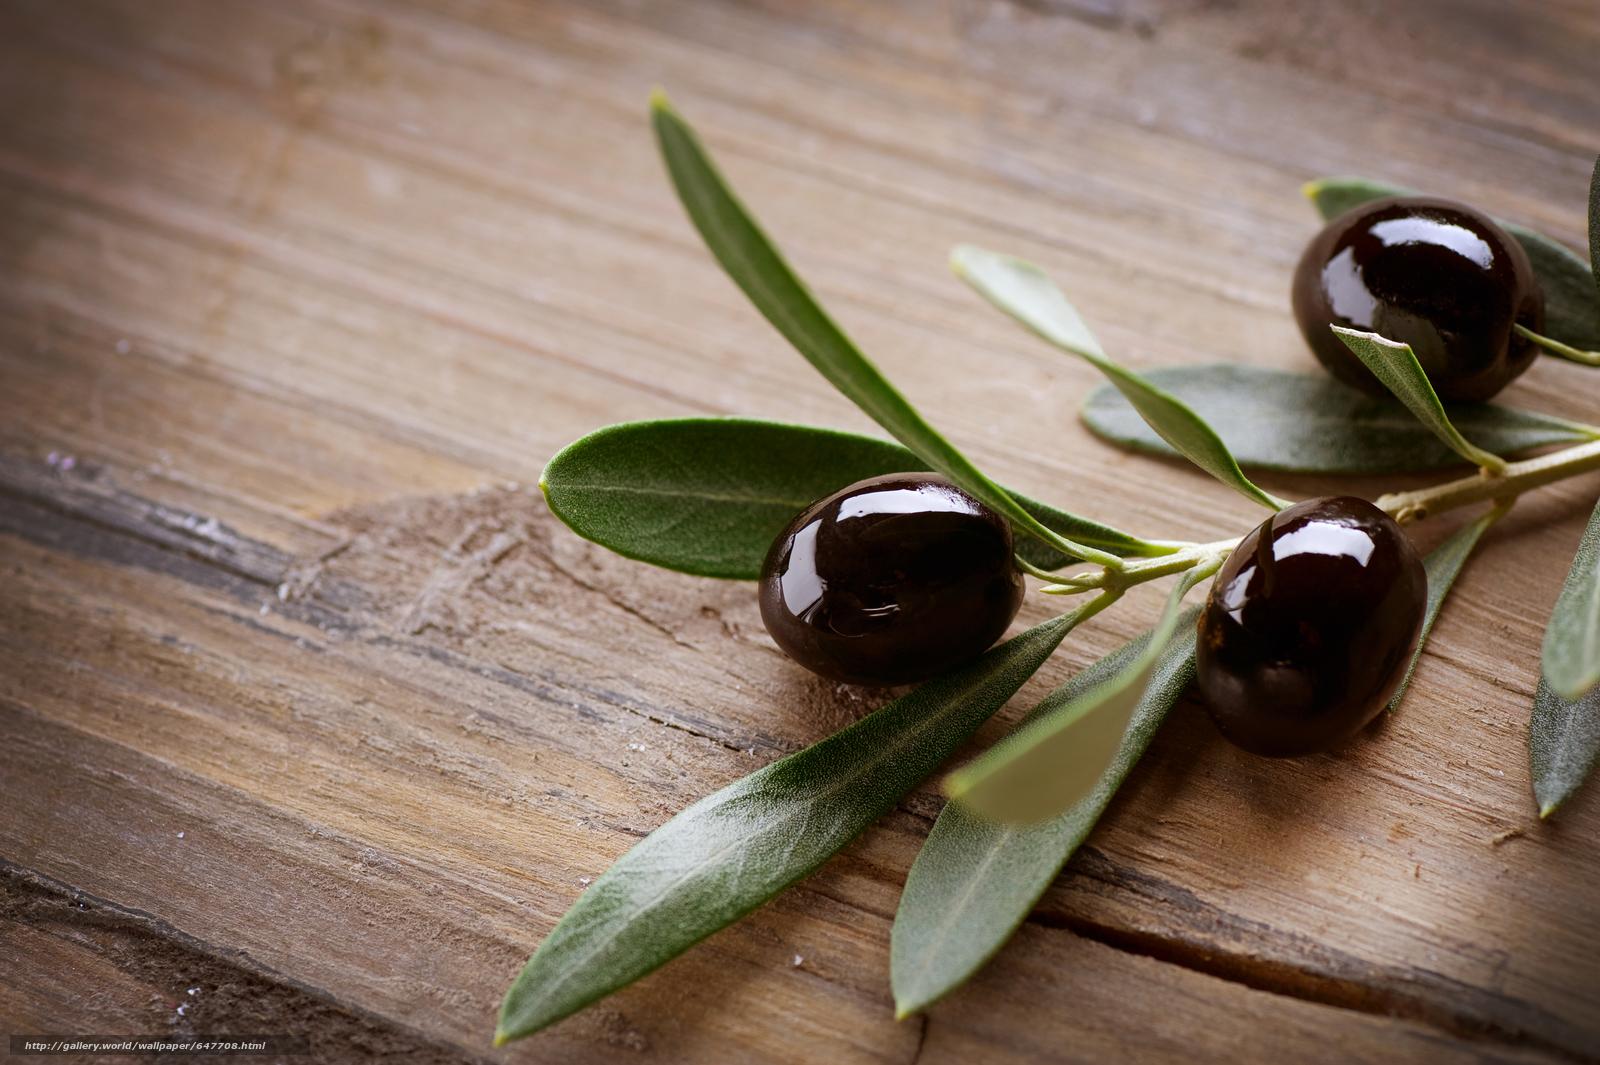 Скачать обои Olives,  оливки,  ветка,  листья бесплатно для рабочего стола в разрешении 8512x5664 — картинка №647708